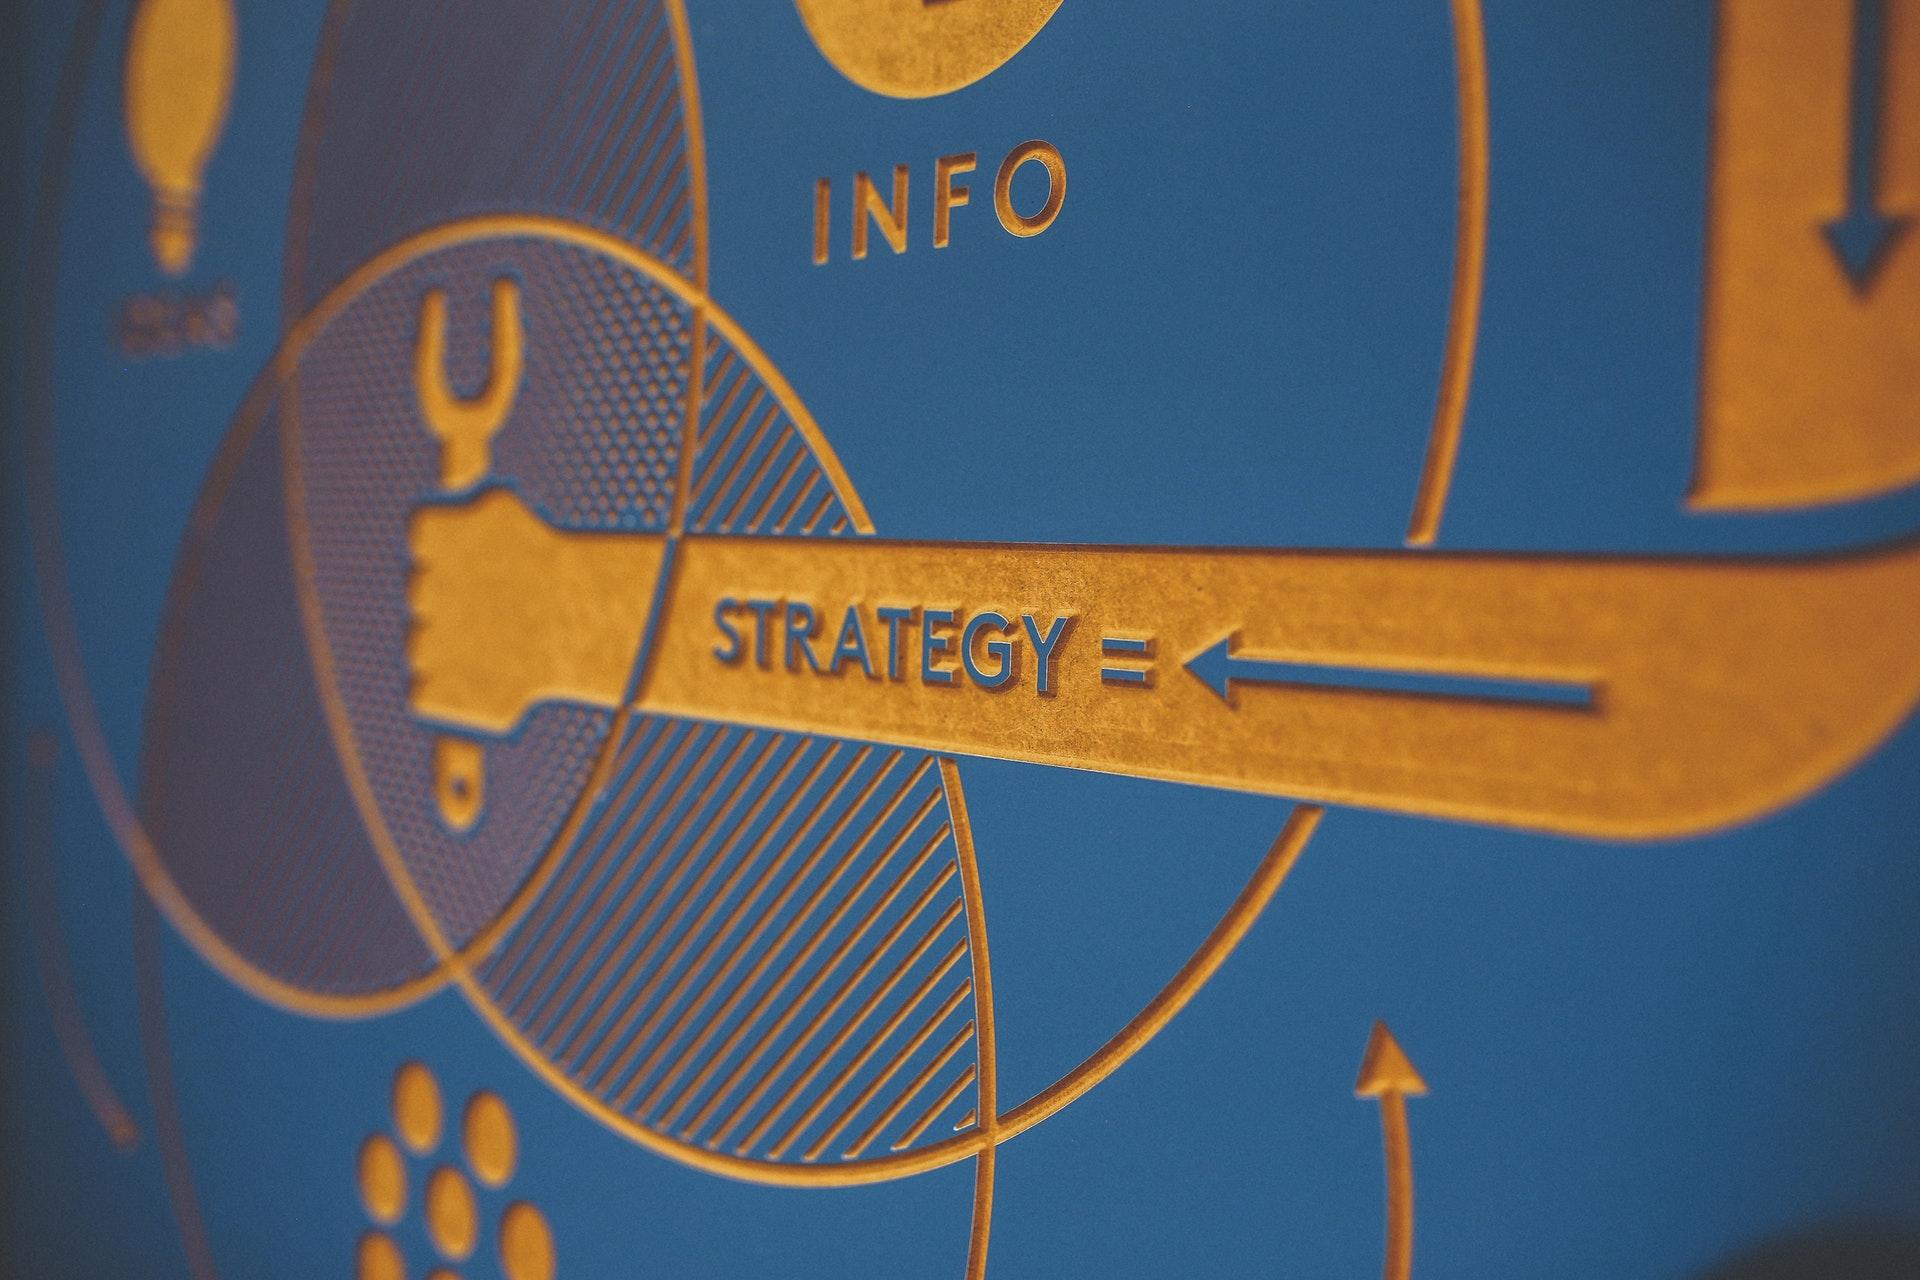 ideal hedef pazarınızı belirlemek için rakiplerinizin ne yaptığı stratejiniz belirleremede yardımcı olur